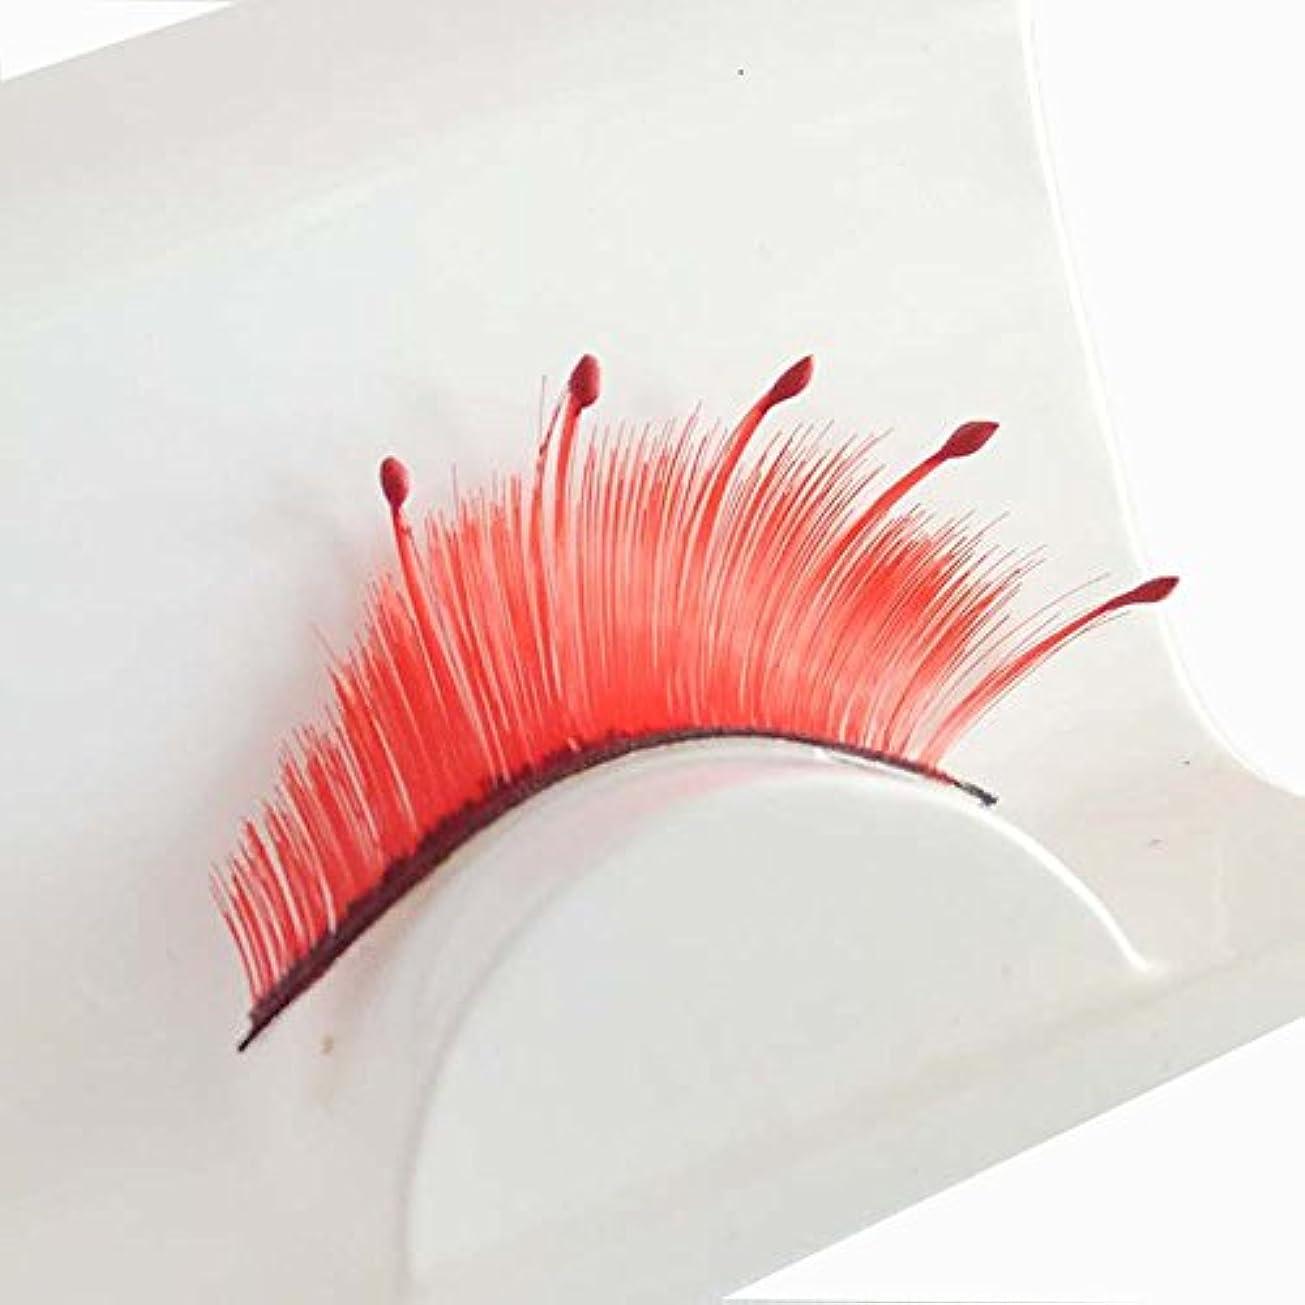 侵略後ろ、背後、背面(部再生可能組の女性のハロウィーンパーティー党メイクアップアート赤い波つけまつげ